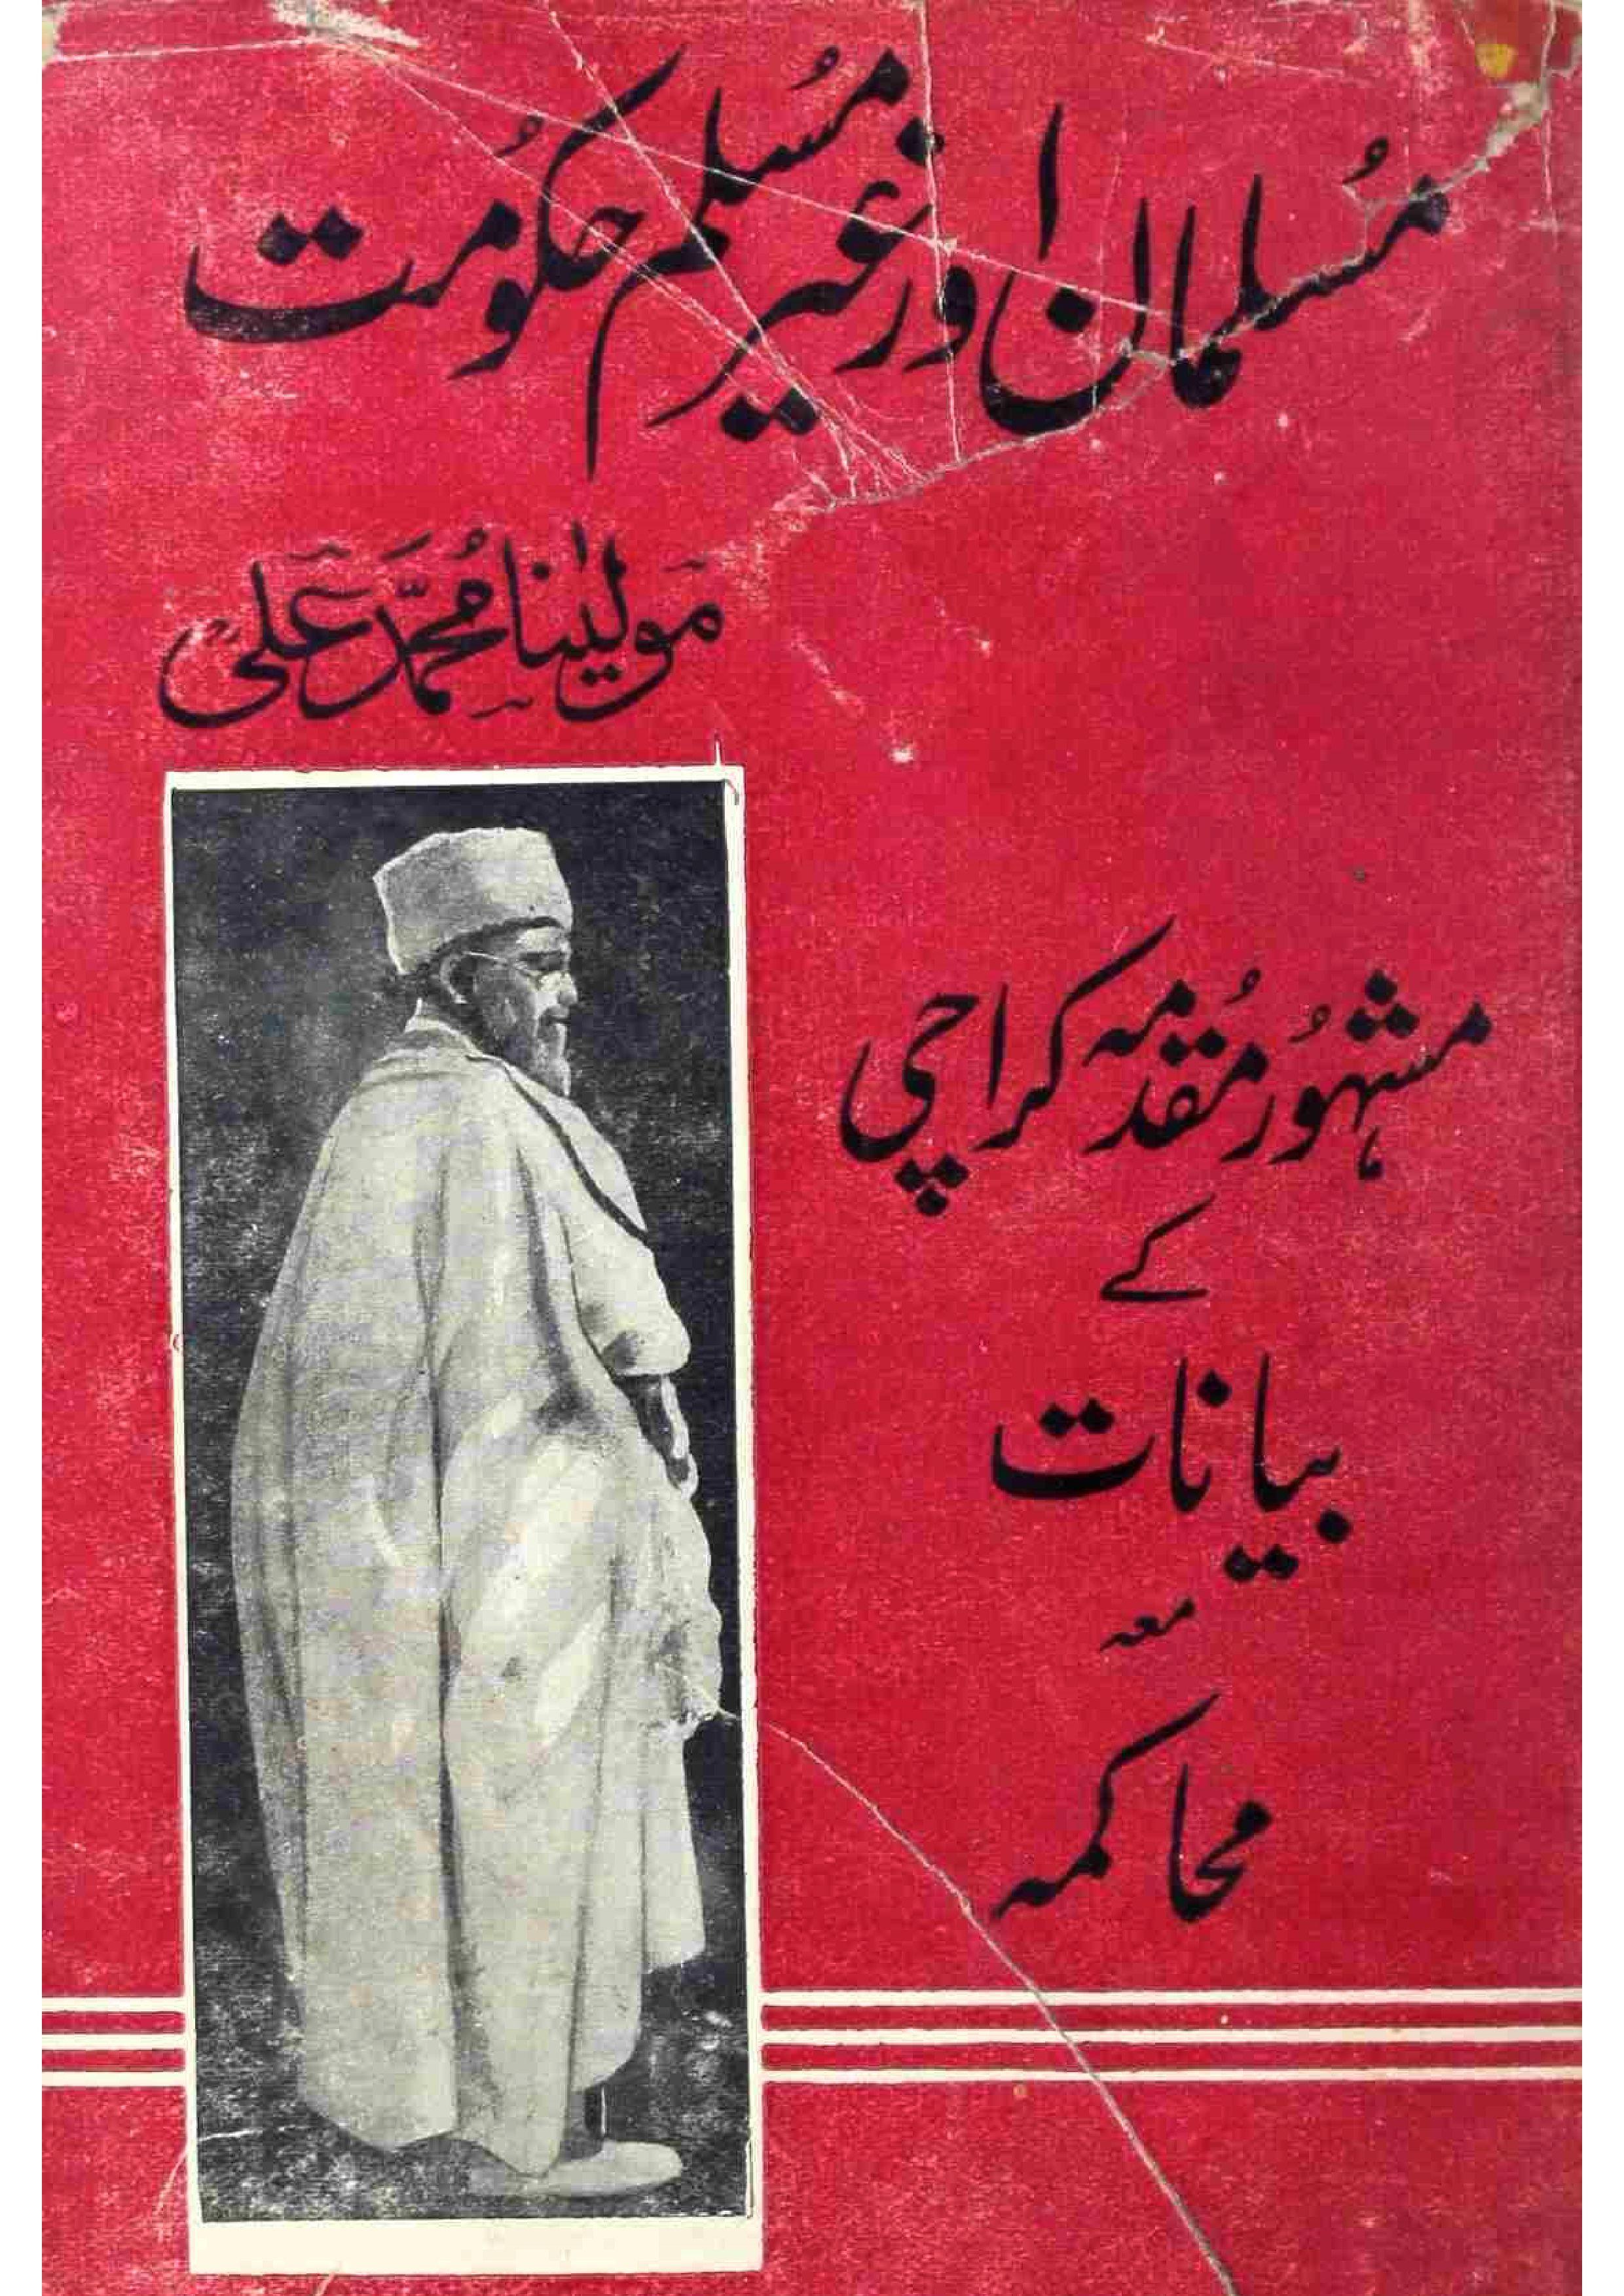 Musalman Aur Gair Muslim Hukumat